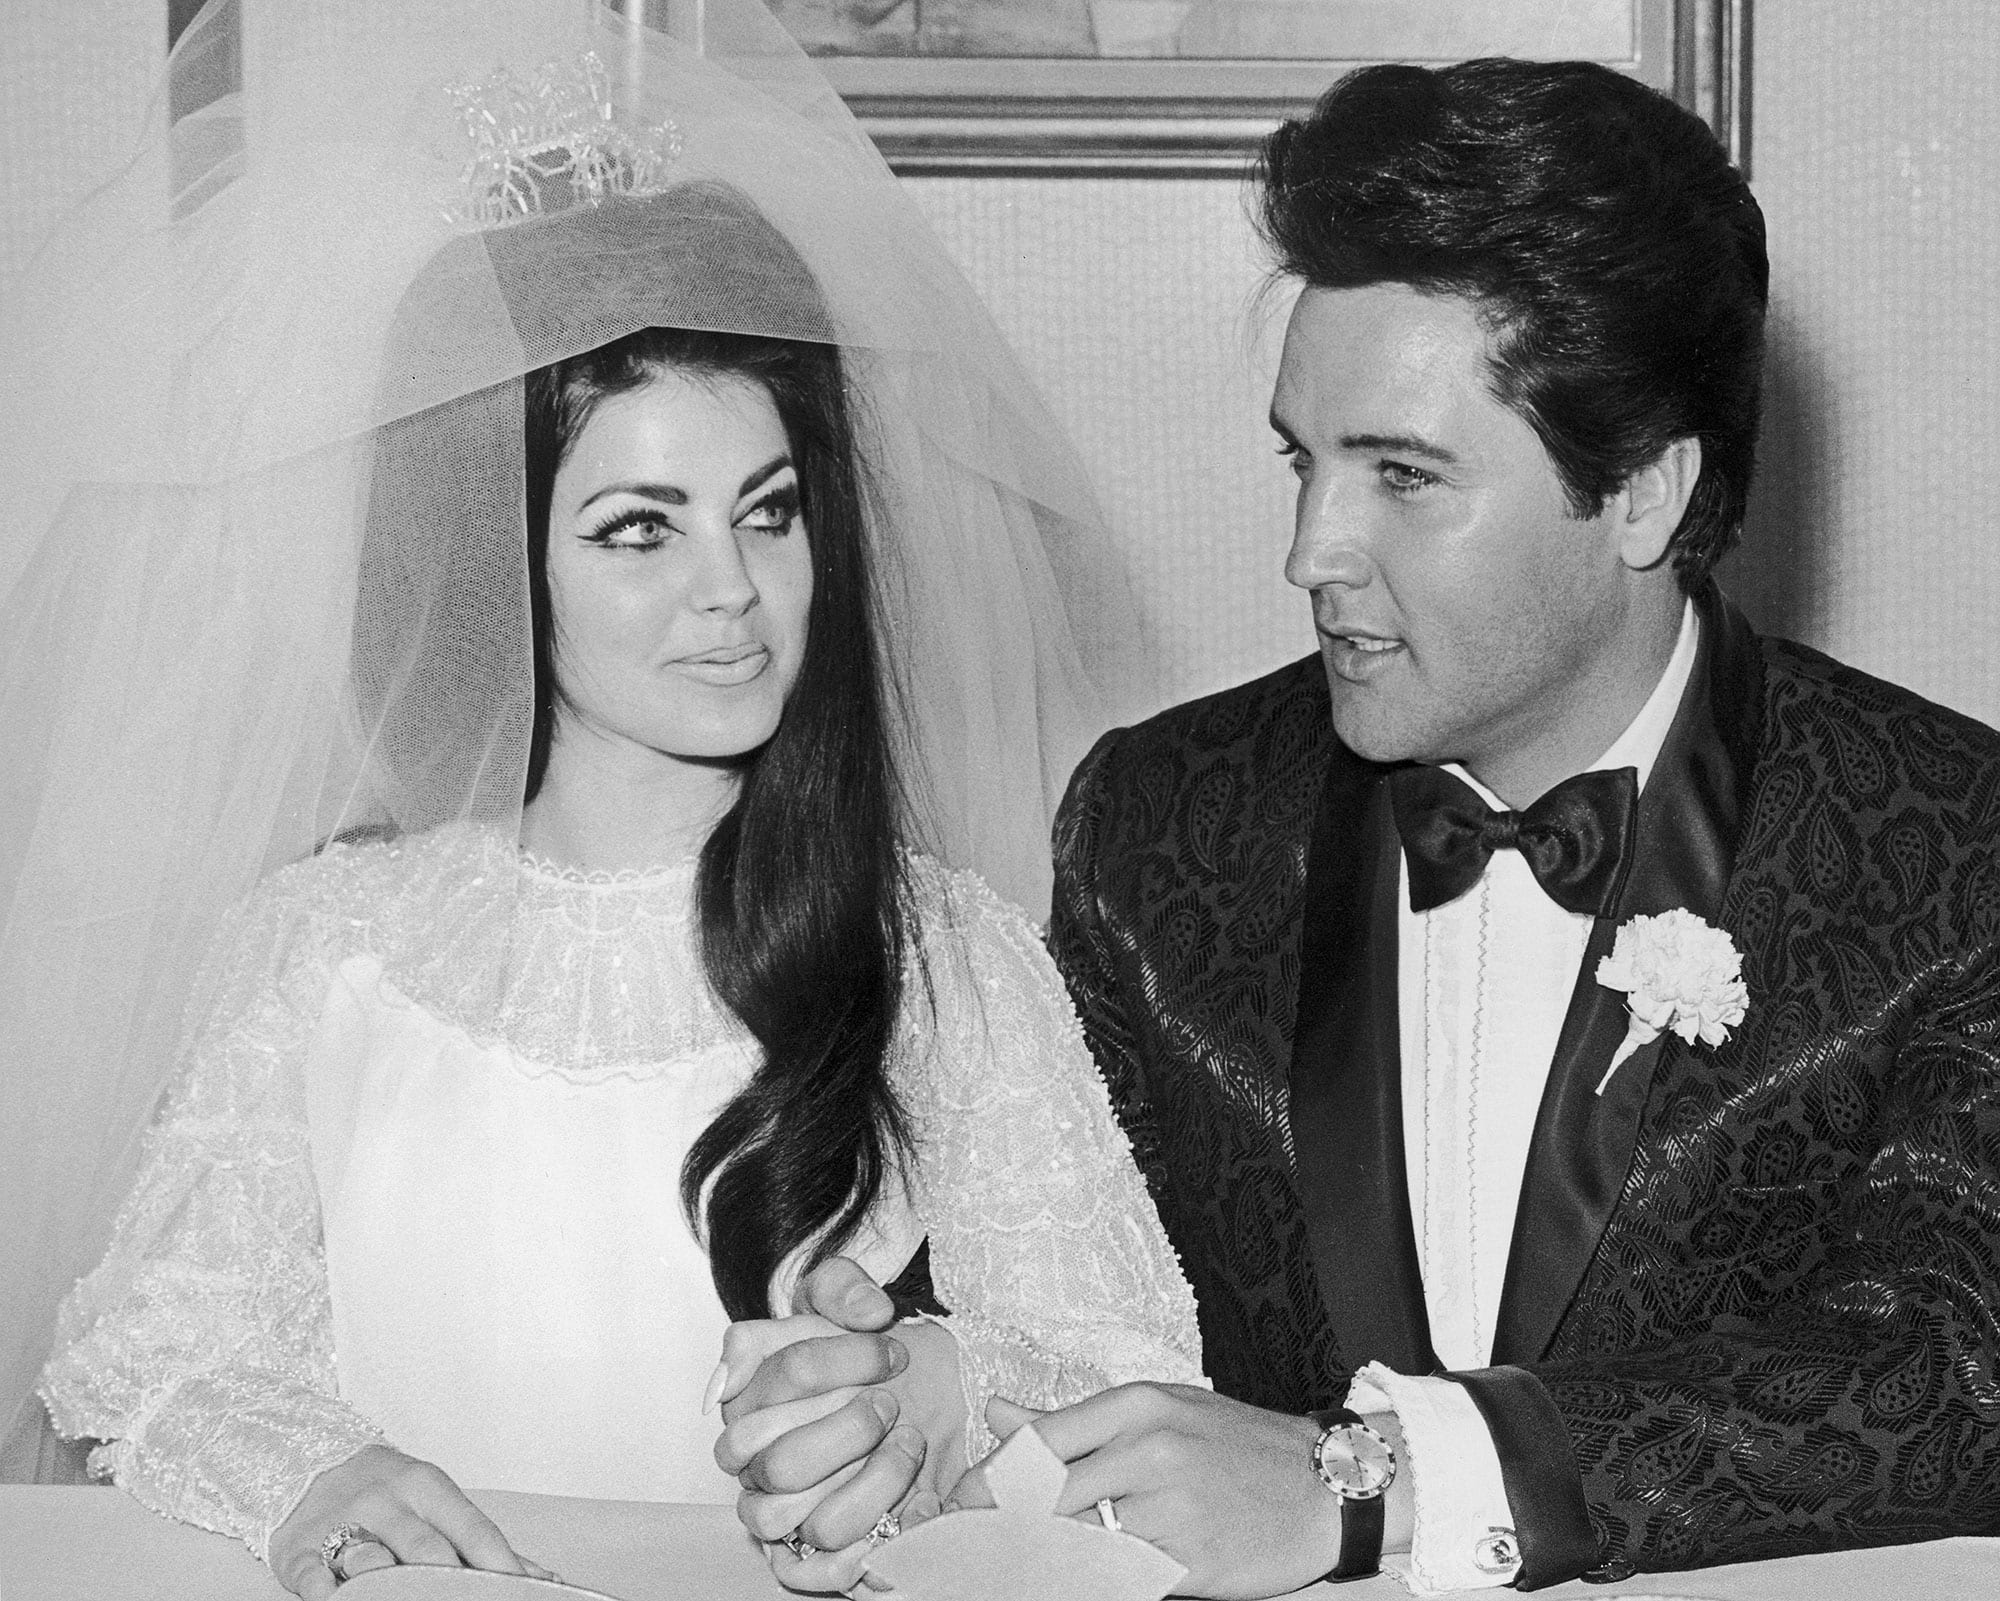 Did Elvis Presley Cheat on Priscilla?